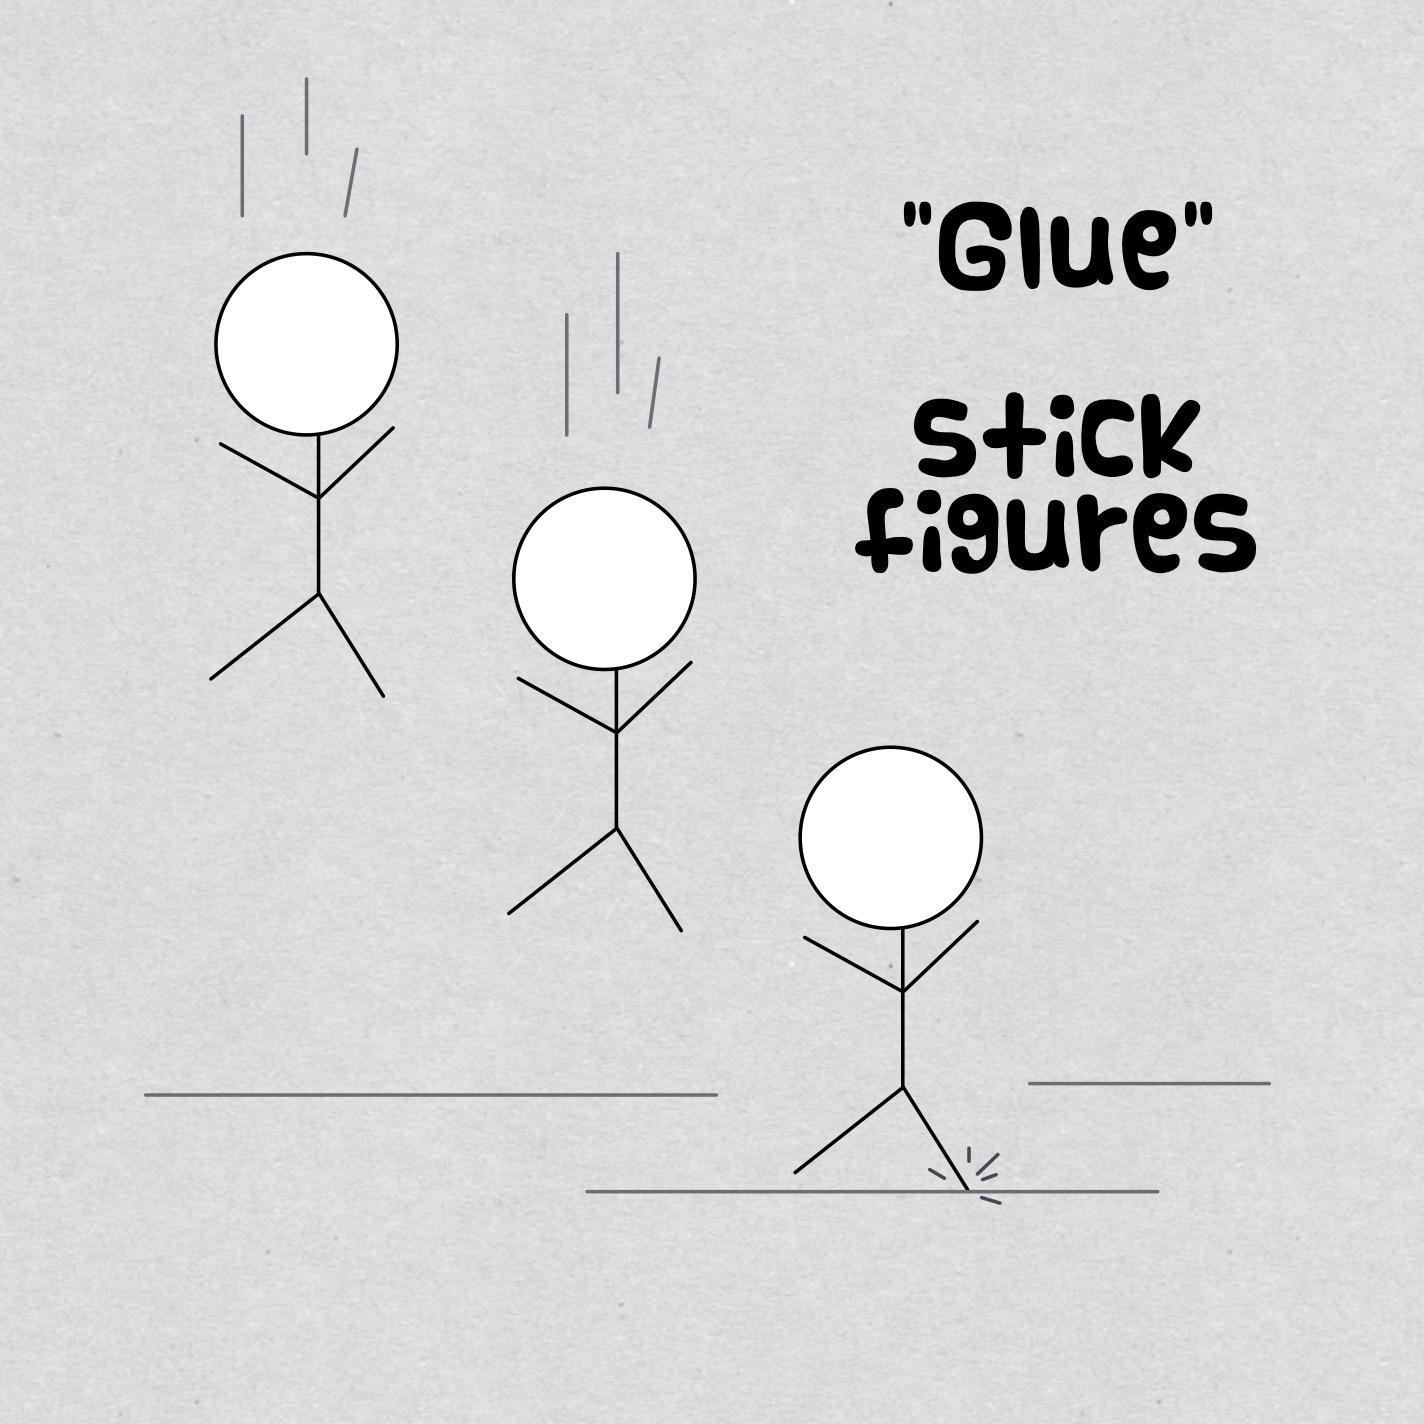 glue stick figures